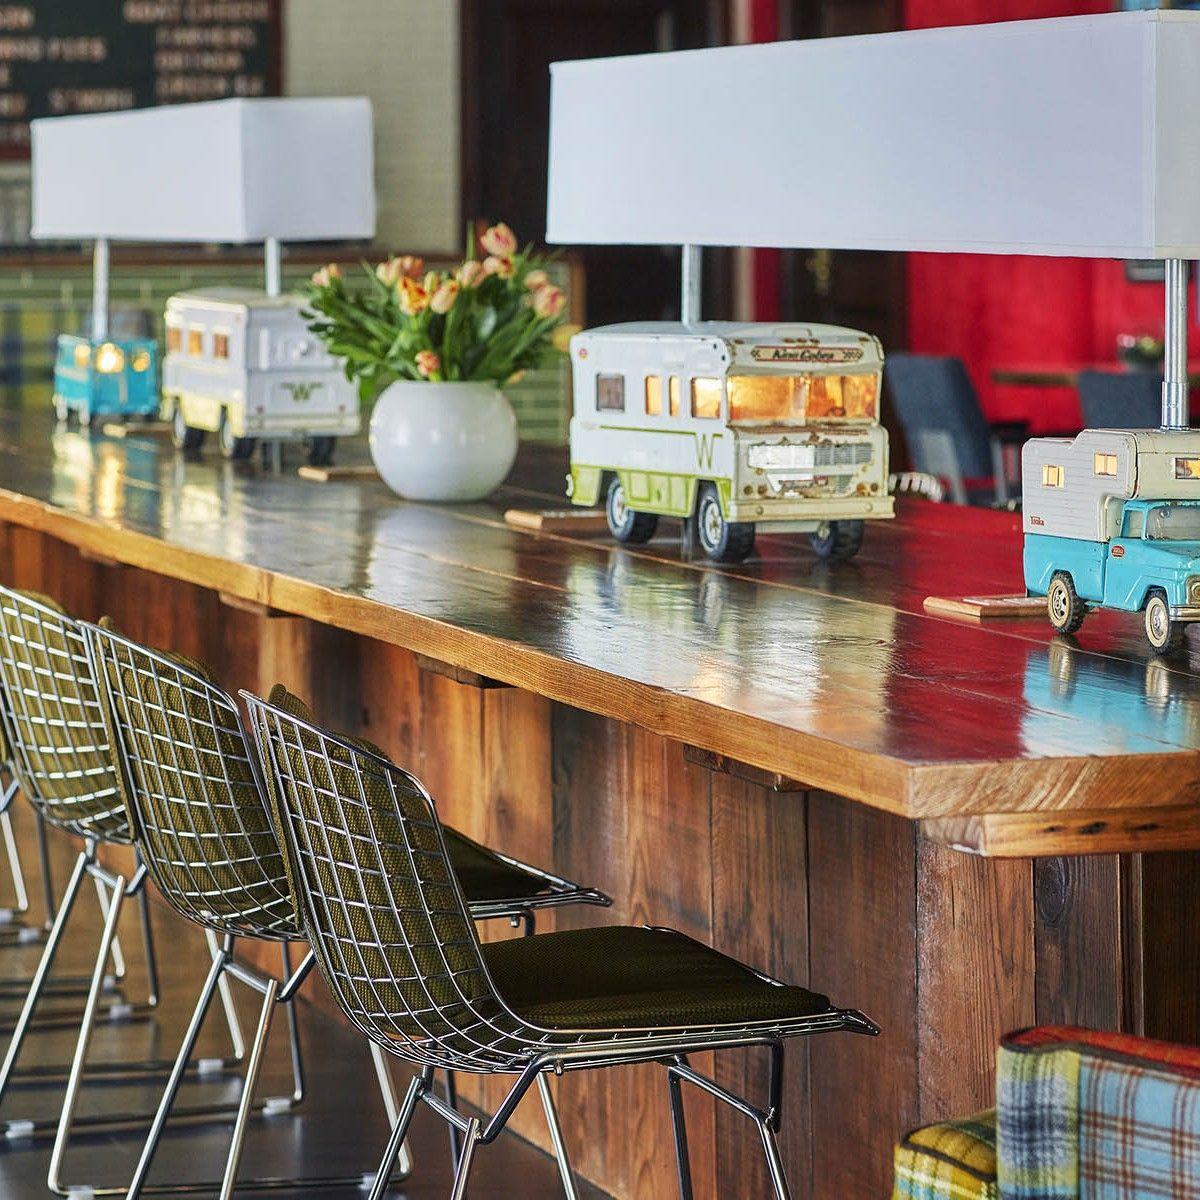 Home Graduate Hotels Cafe interior, Hospitality design